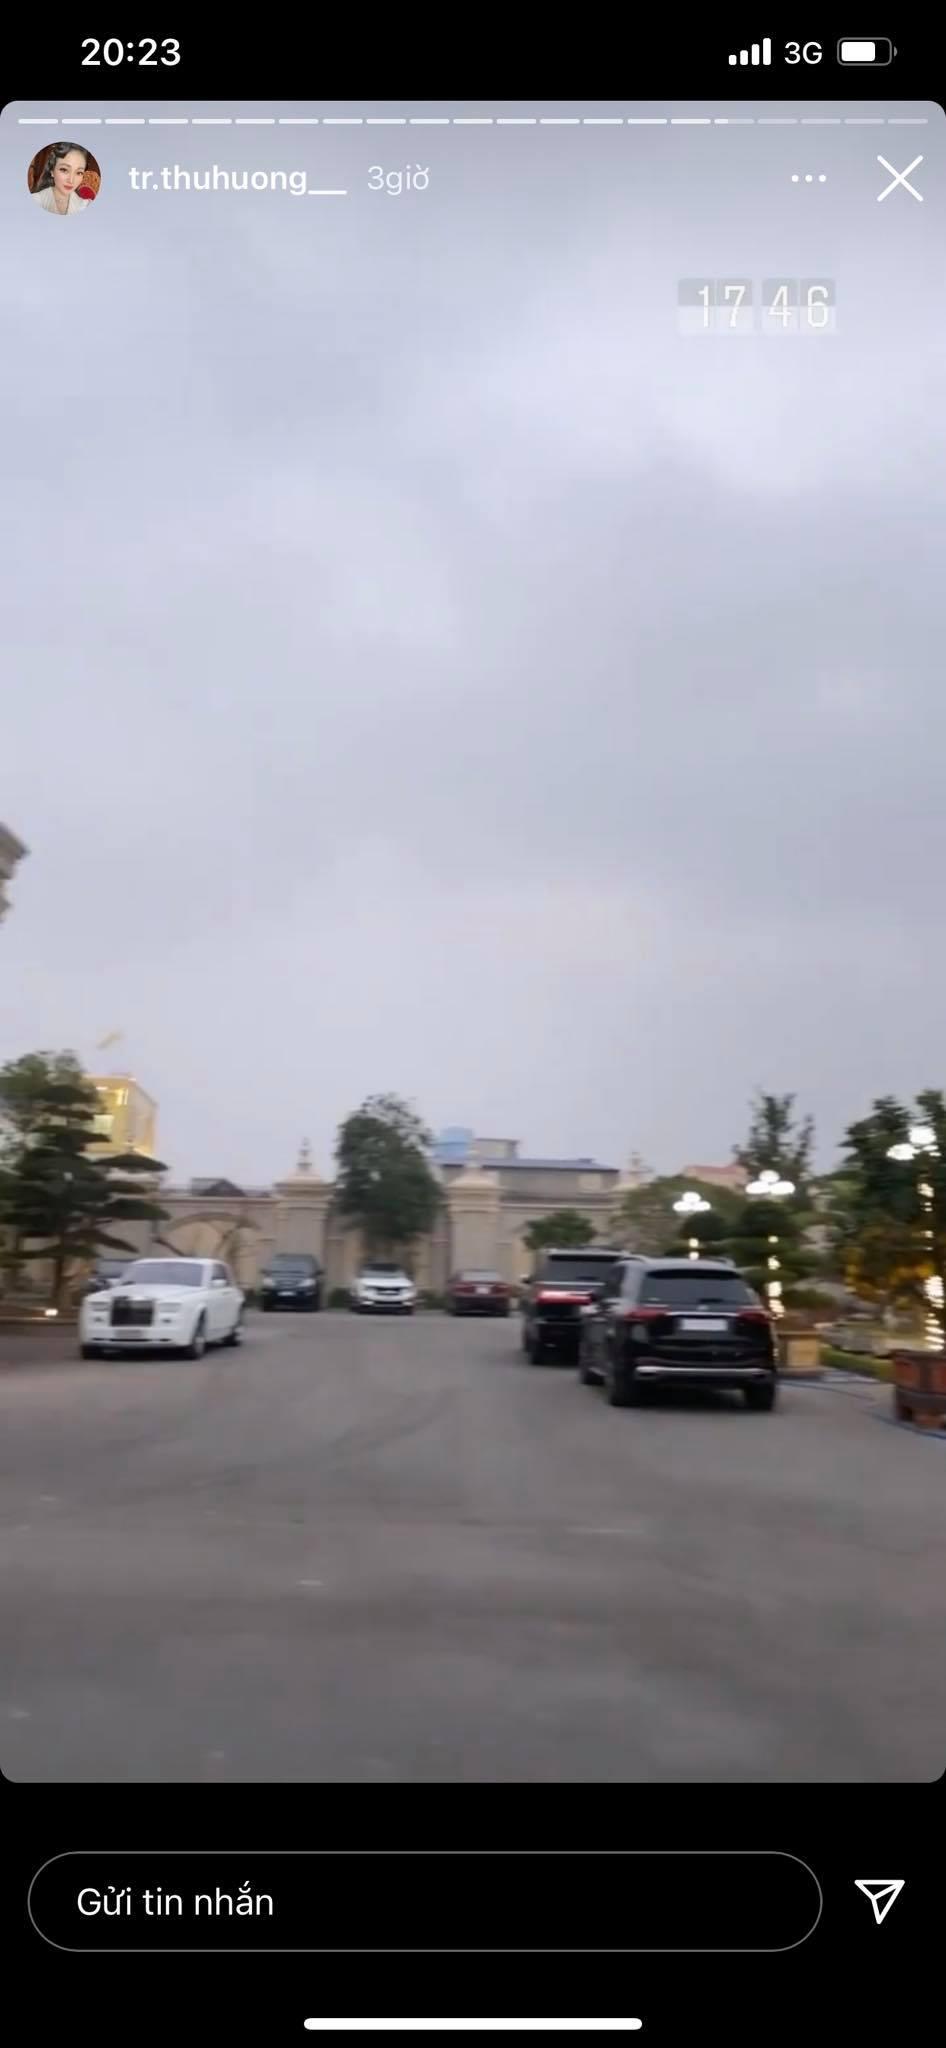 """Cô dâu đeo 200 cây vàng"""" bất ngờ chiếm trọn spotlight trên mạng xã hội khi tổ chức tiệc sinh nhật hoành tráng tại lâu đài xịn bậc nhất Nam Định-4"""